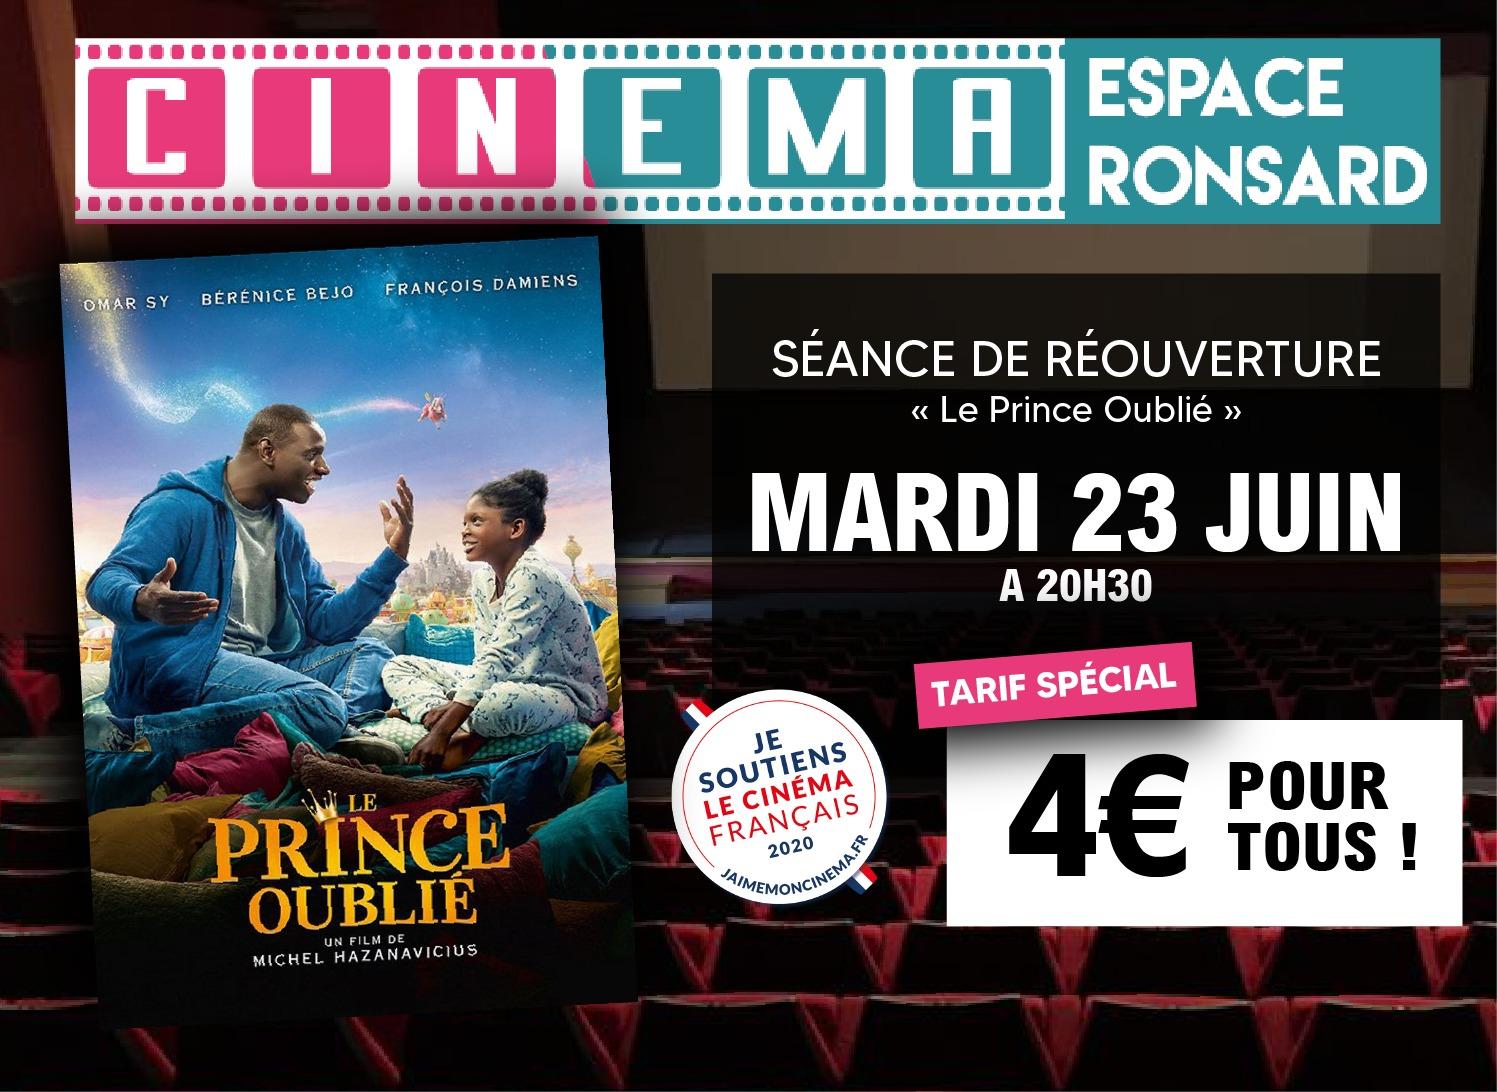 Cinéma Ronsard : Soirée de Réouverture